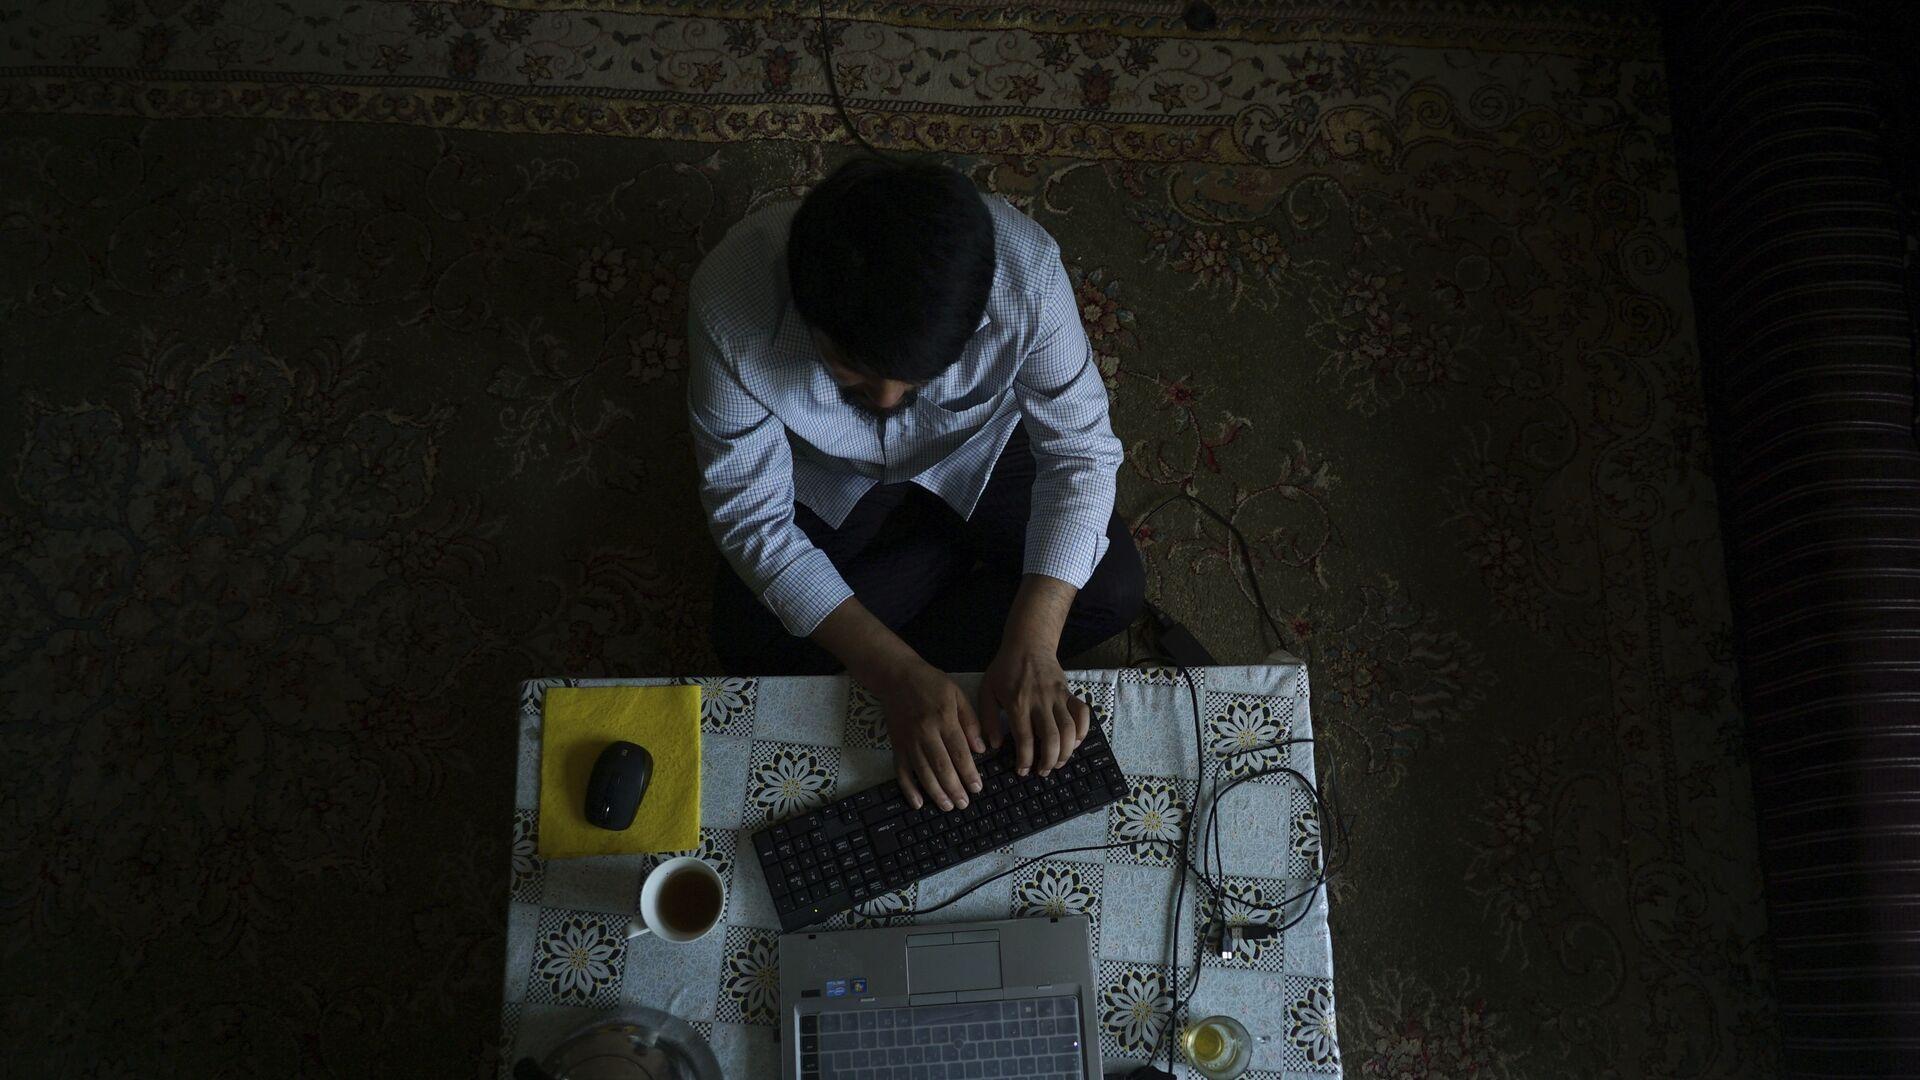 Мужчина за компьютером, фото из архива - Sputnik Азербайджан, 1920, 08.10.2021